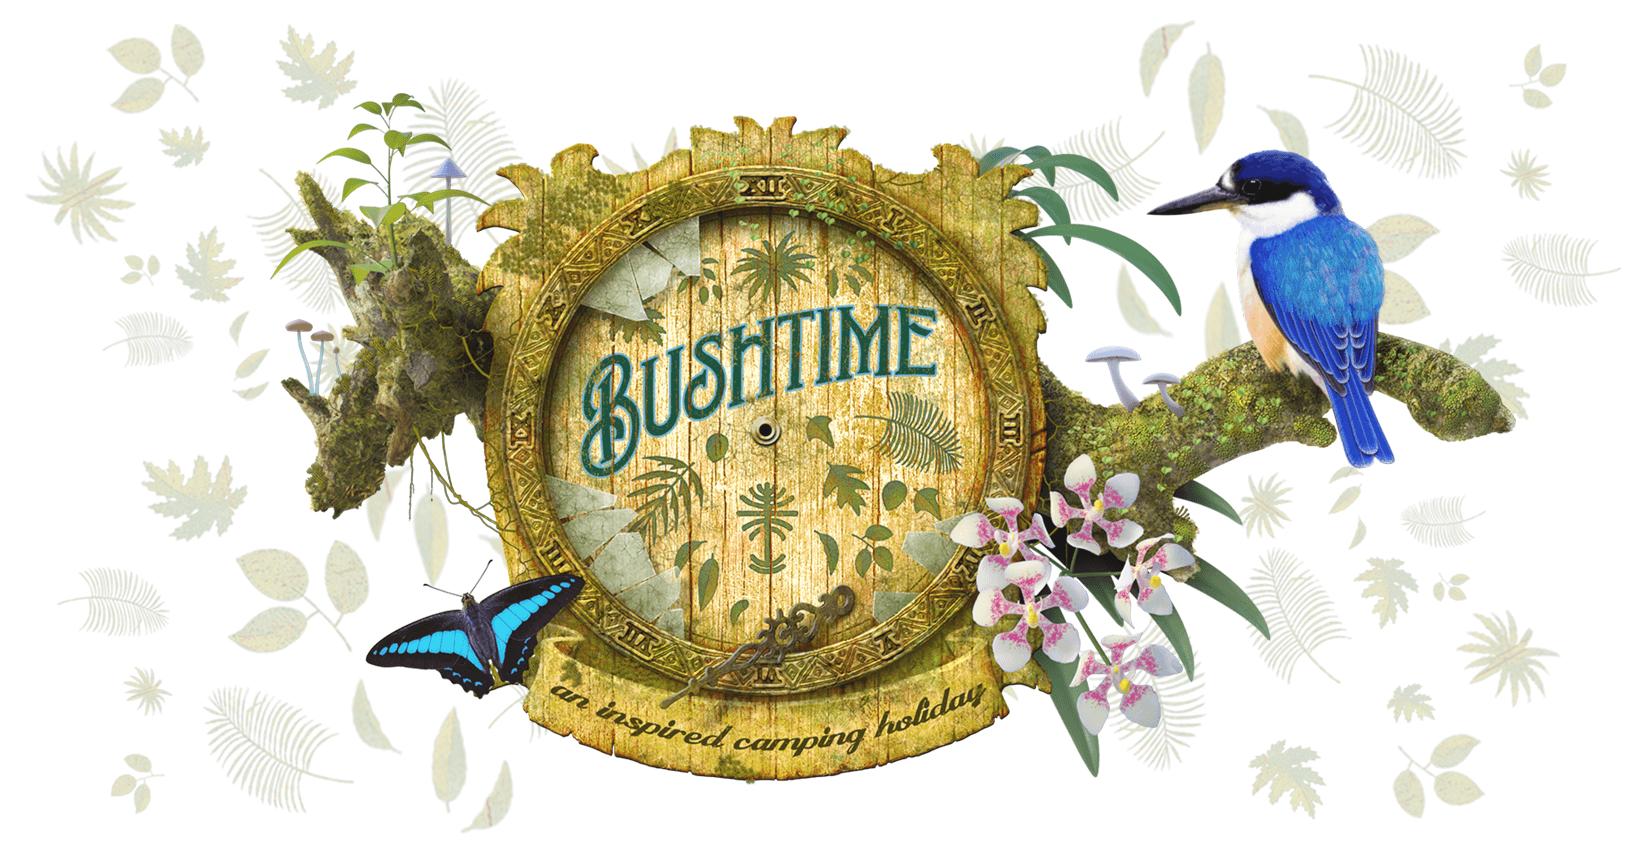 Bushtime